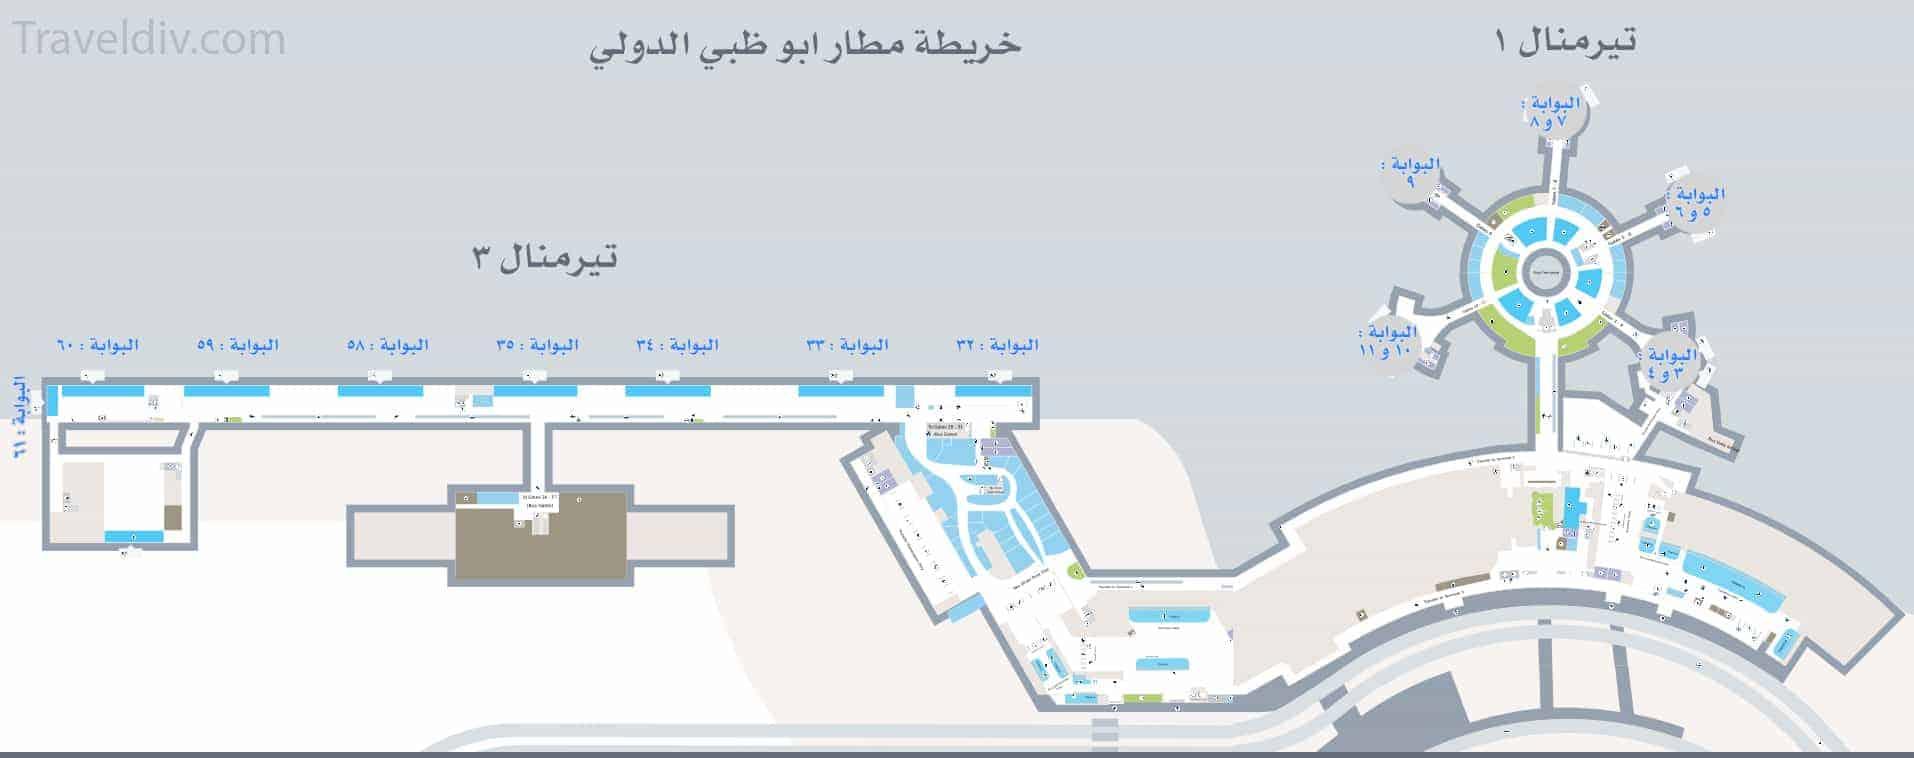 خريطة مطار ابو ظبي